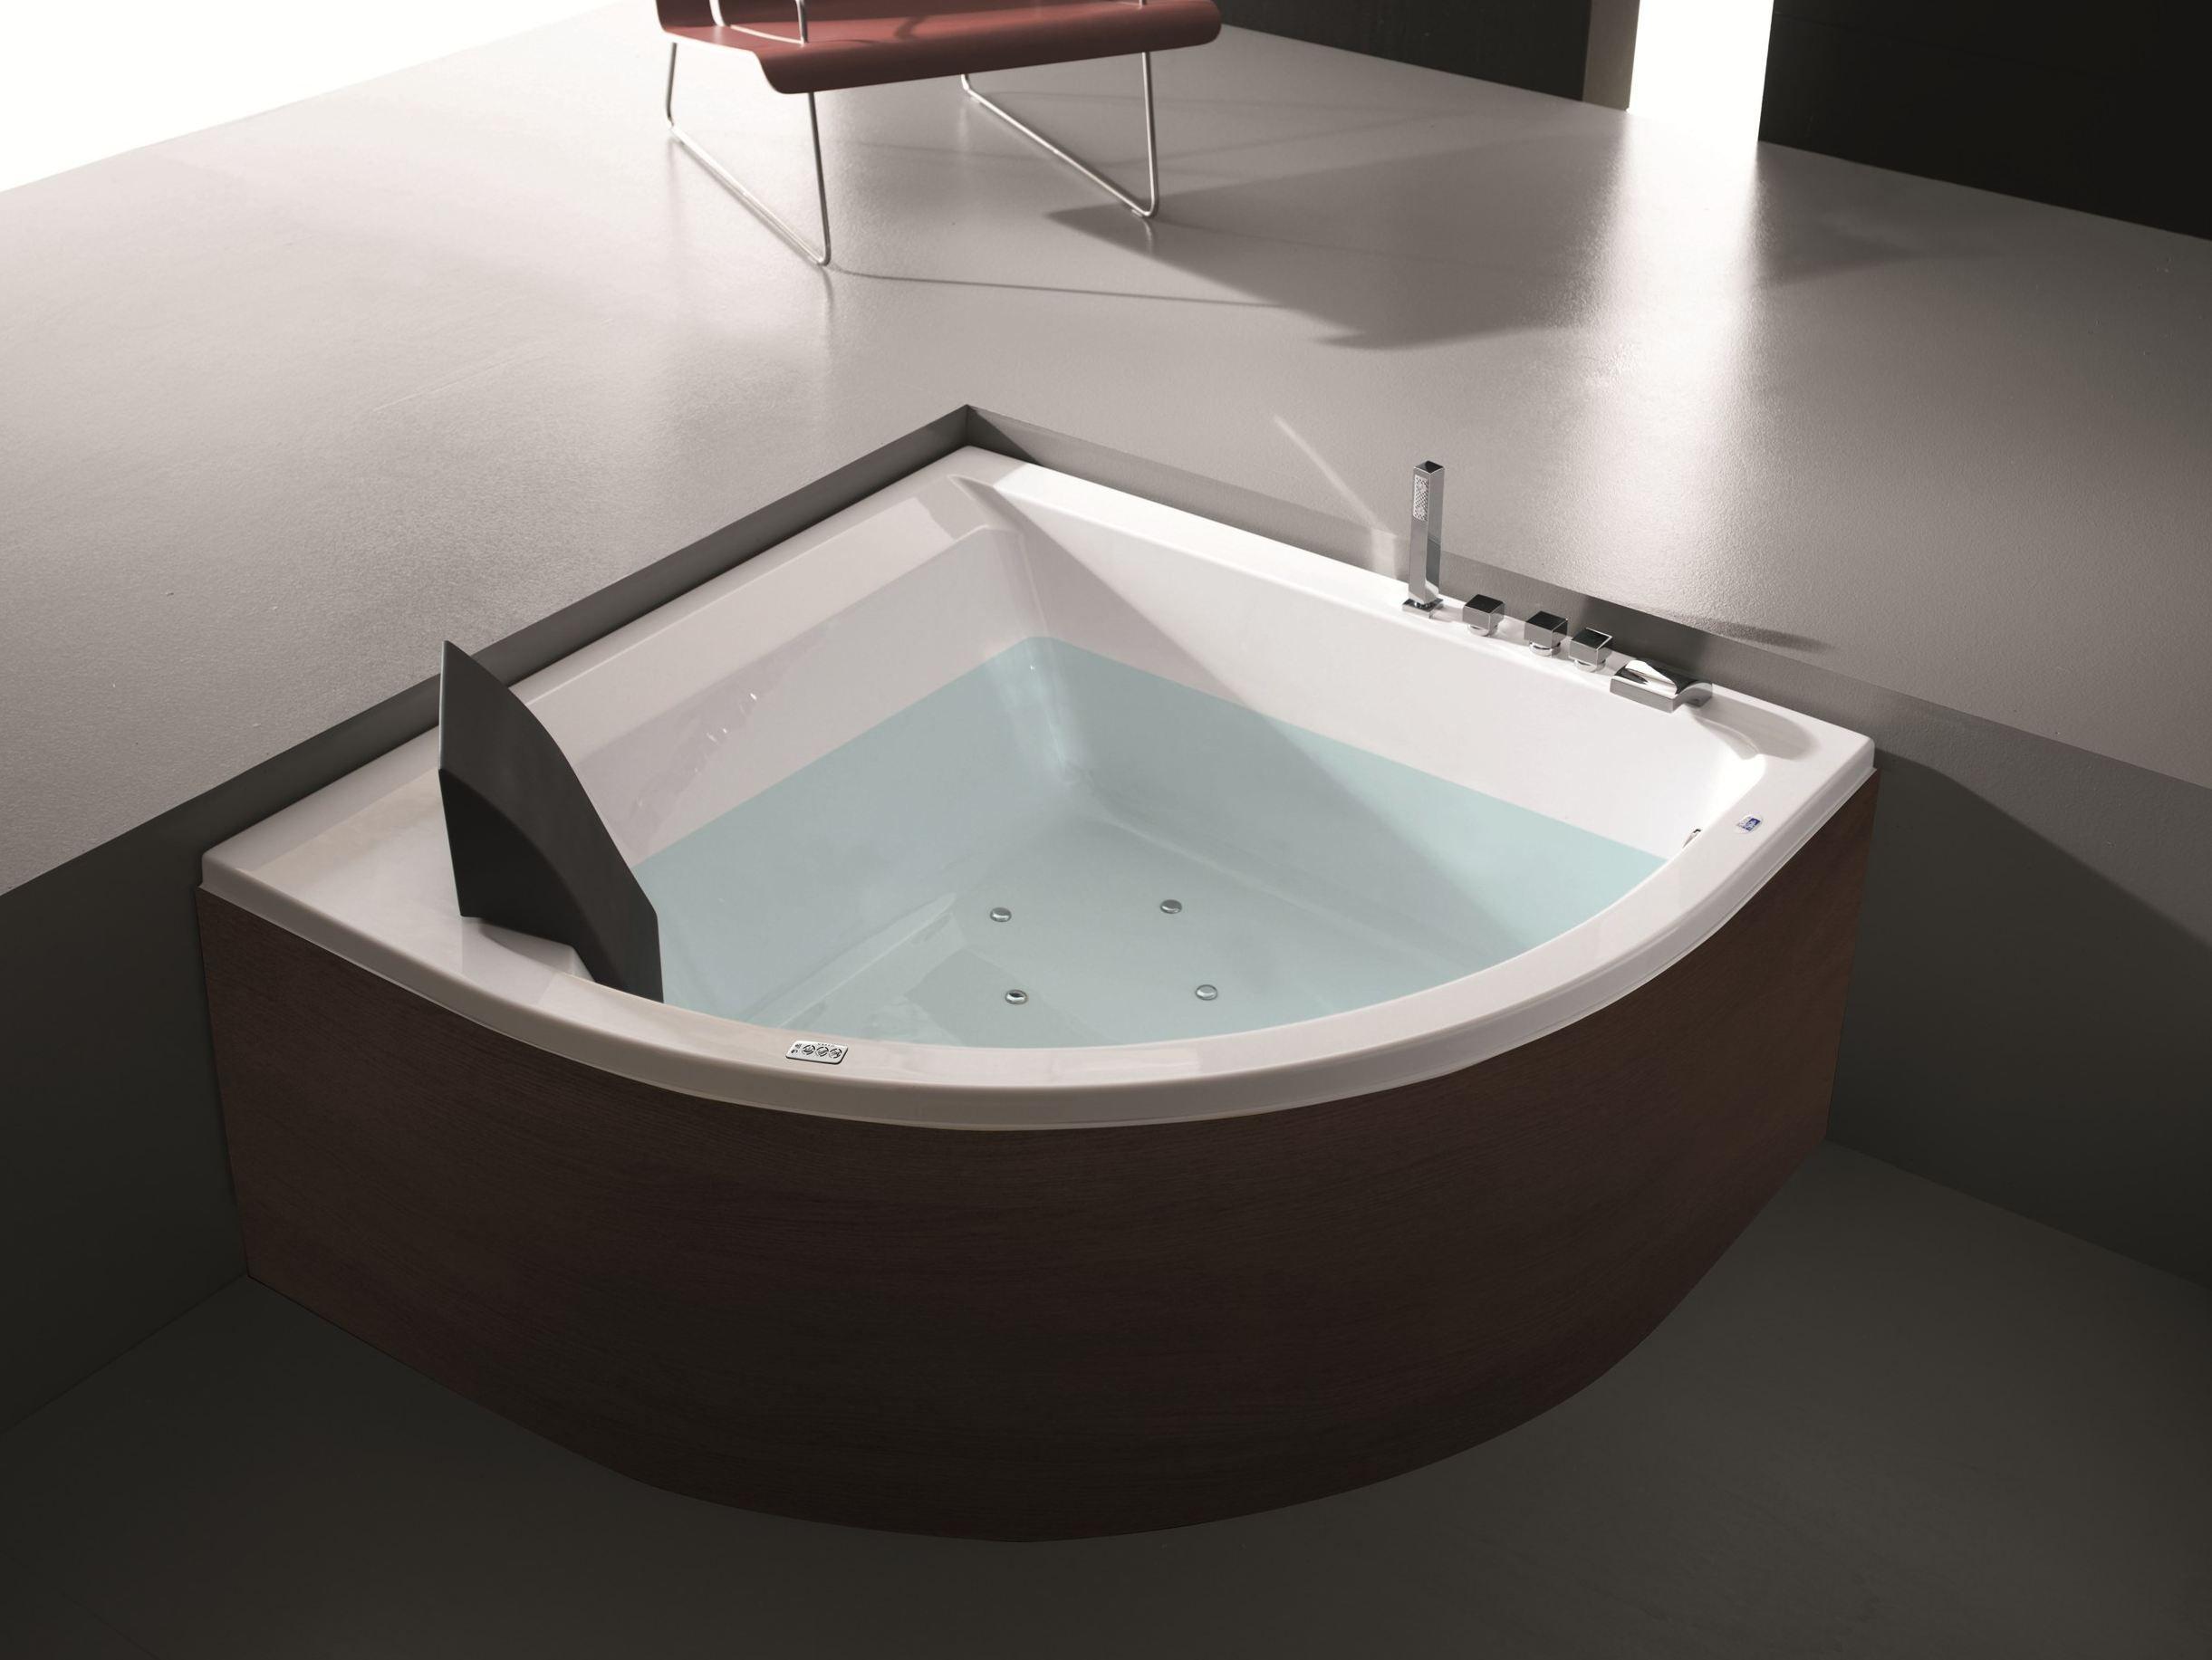 Vasca da bagno angolare idromassaggio in legno ERA PLUS 140X140 by HAFRO